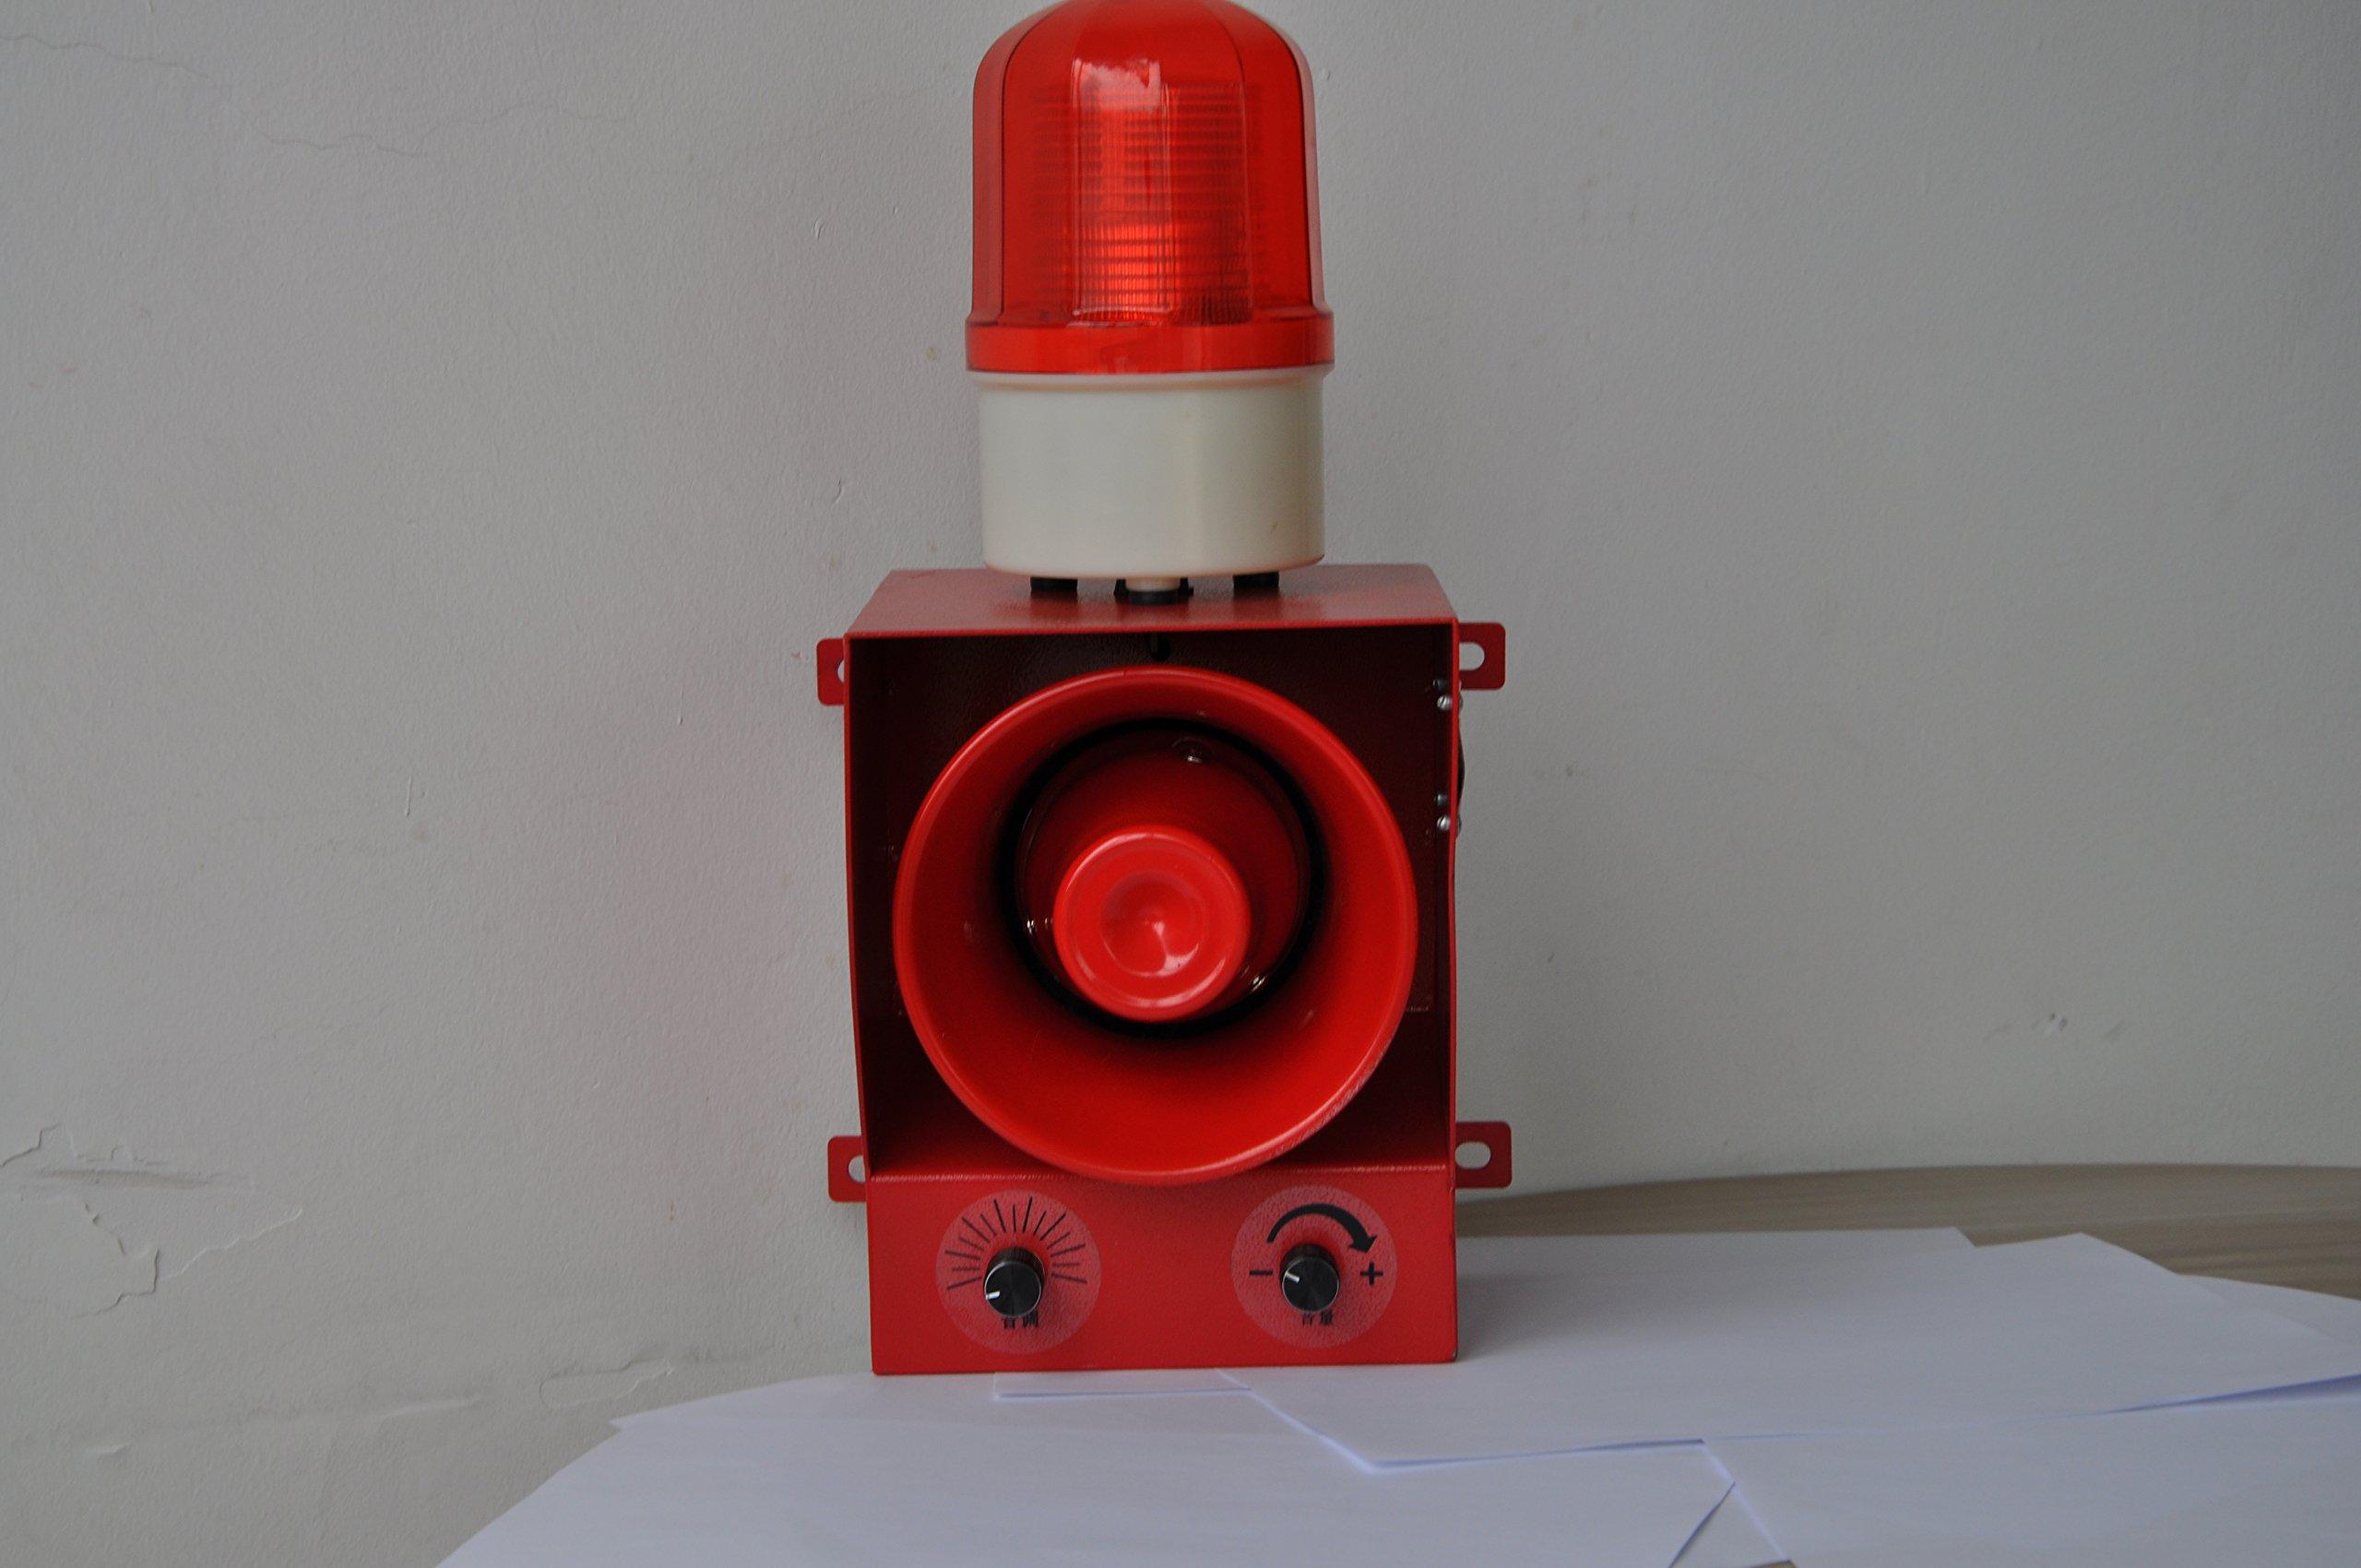 YS-05B AC110V-120V Sound volume adjustable sound and light alarm Alarm siren for emergency